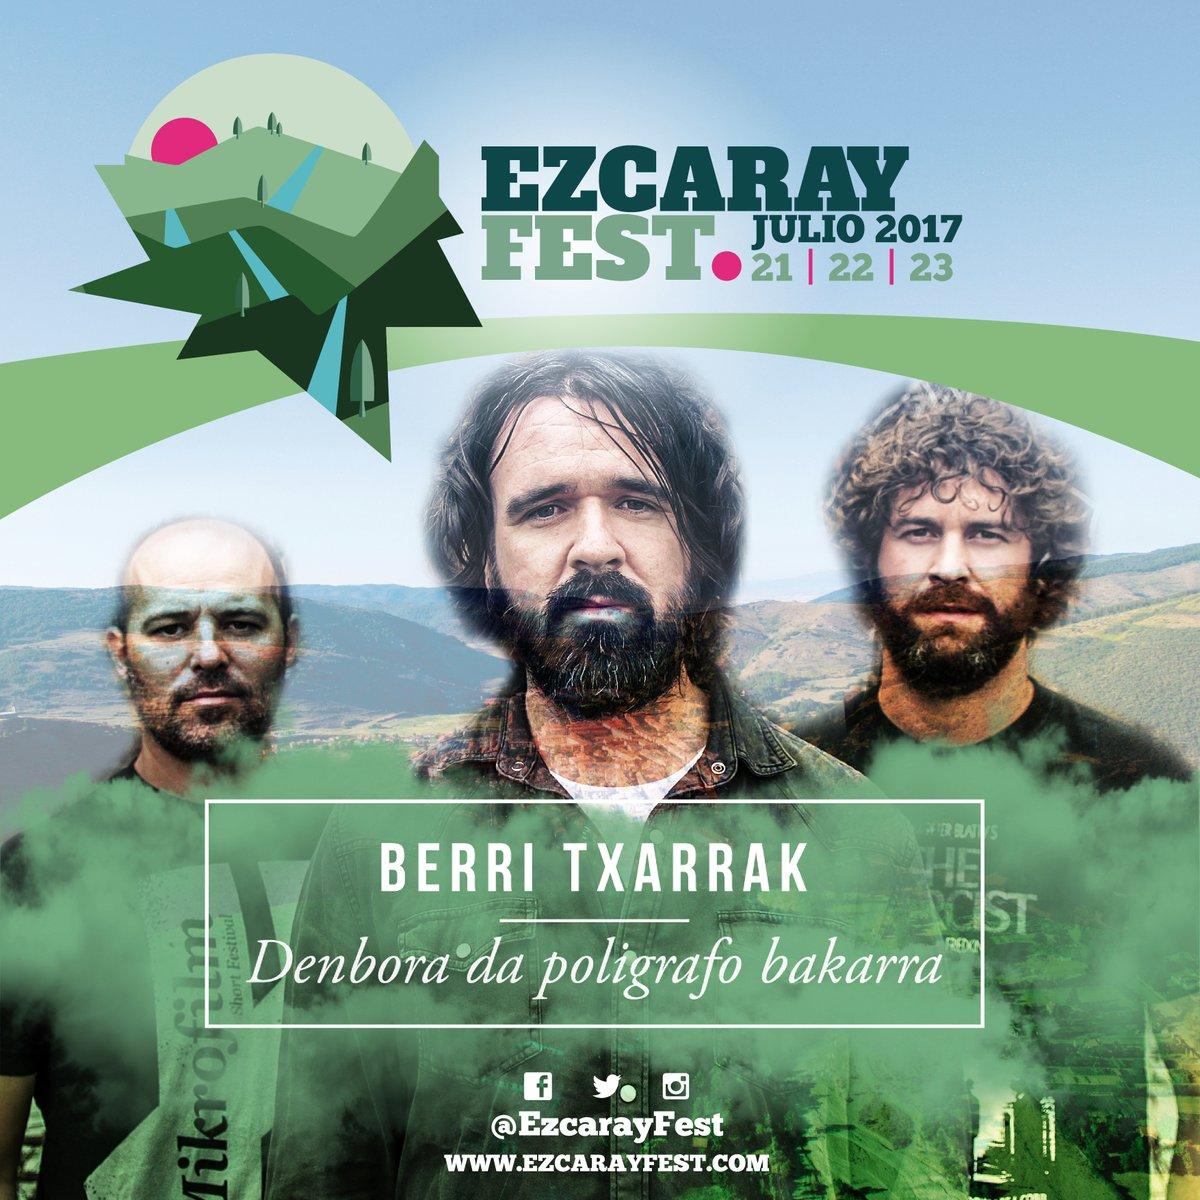 Rock Land Fest 2020: 17, 18 y 19 de julio. Santo Domingo de La Calzada. El Drogas Berri-txarrak-ezcaray-fest